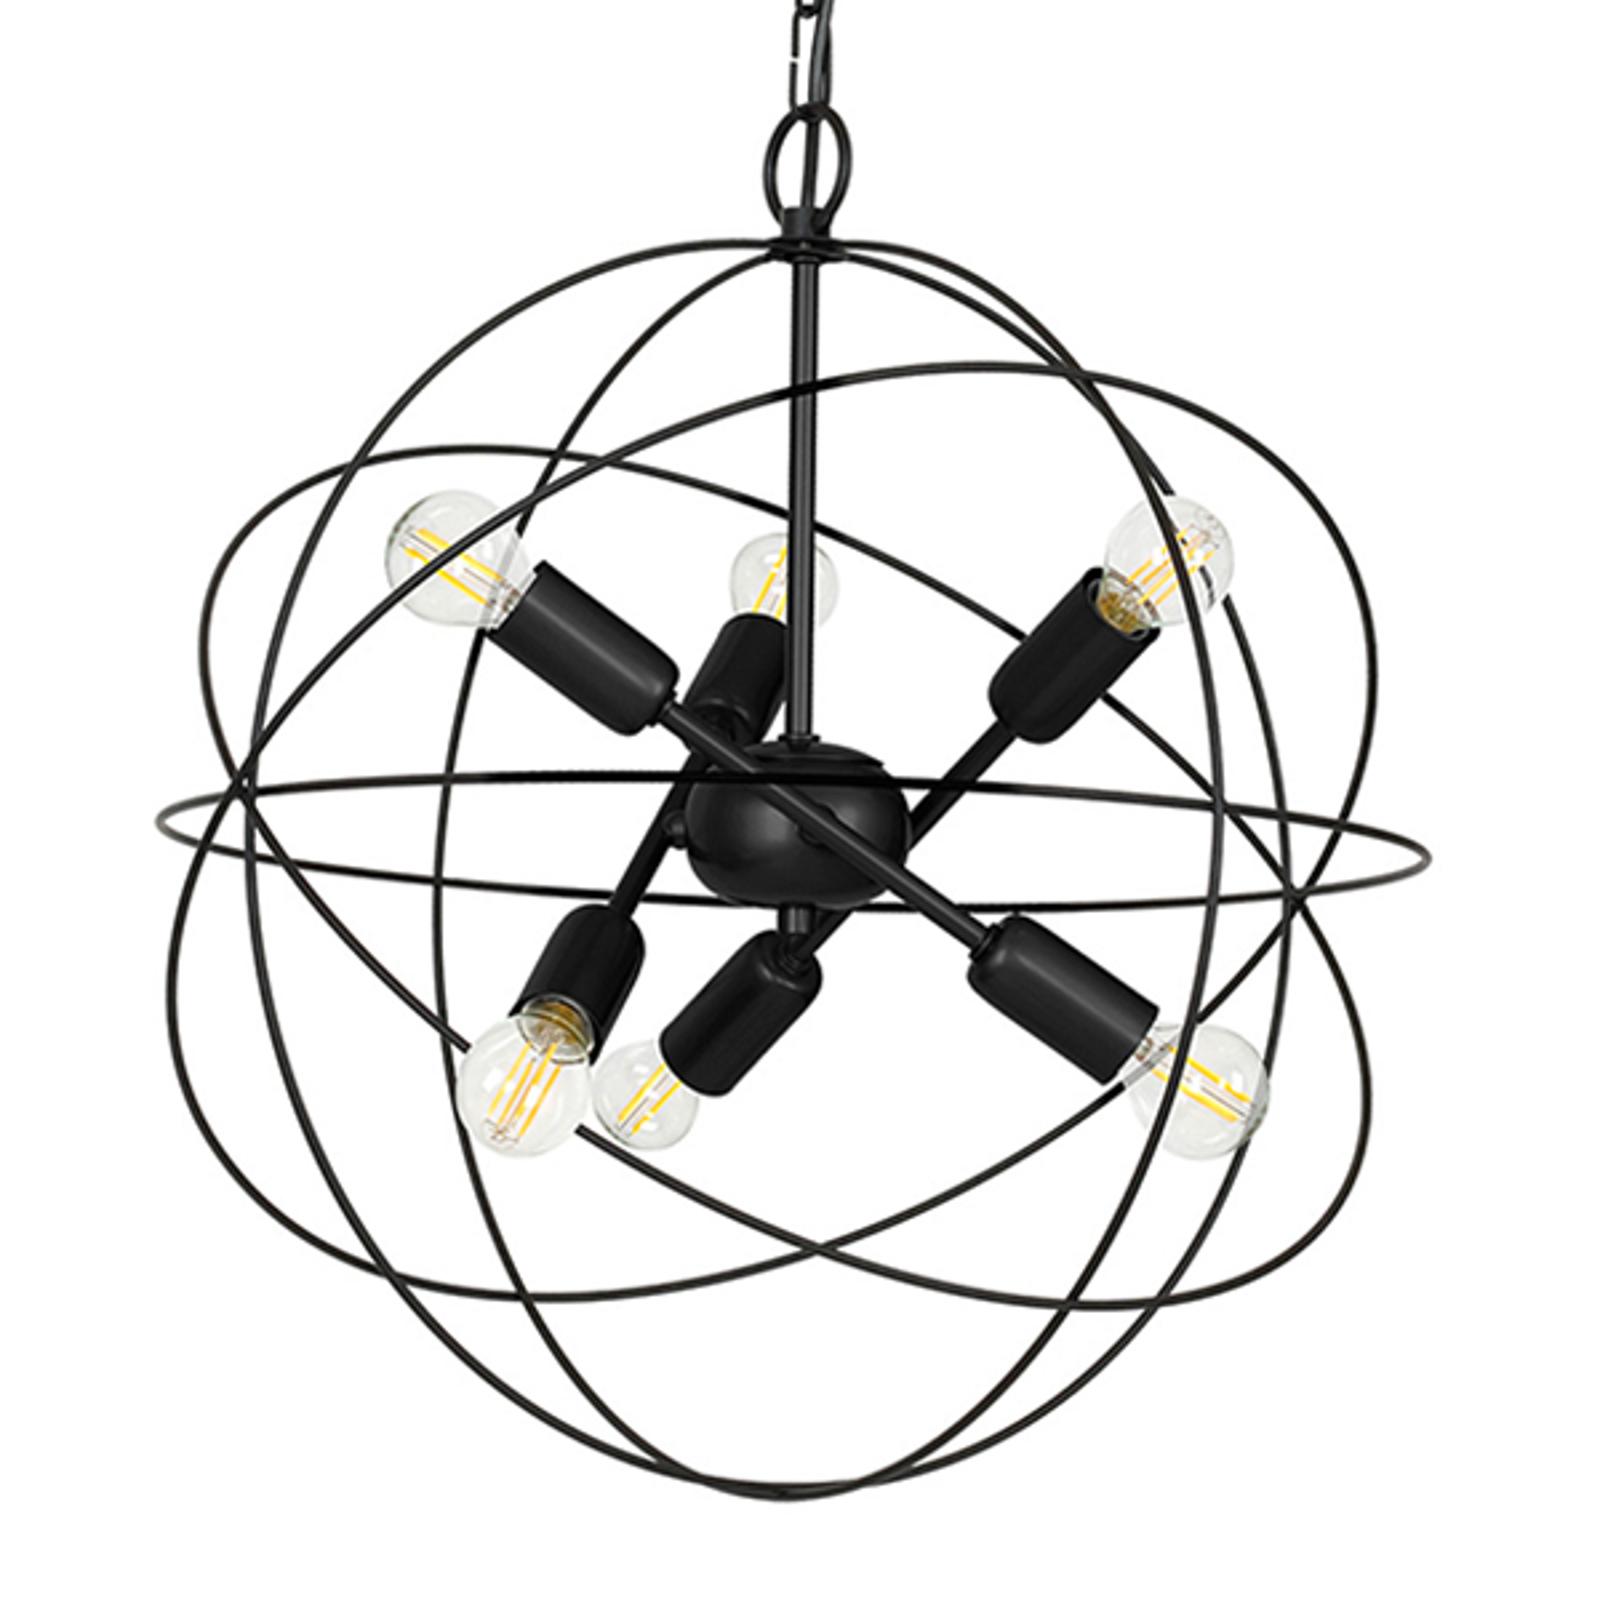 Hängeleuchte Copernicus, sechsflammig schwarz